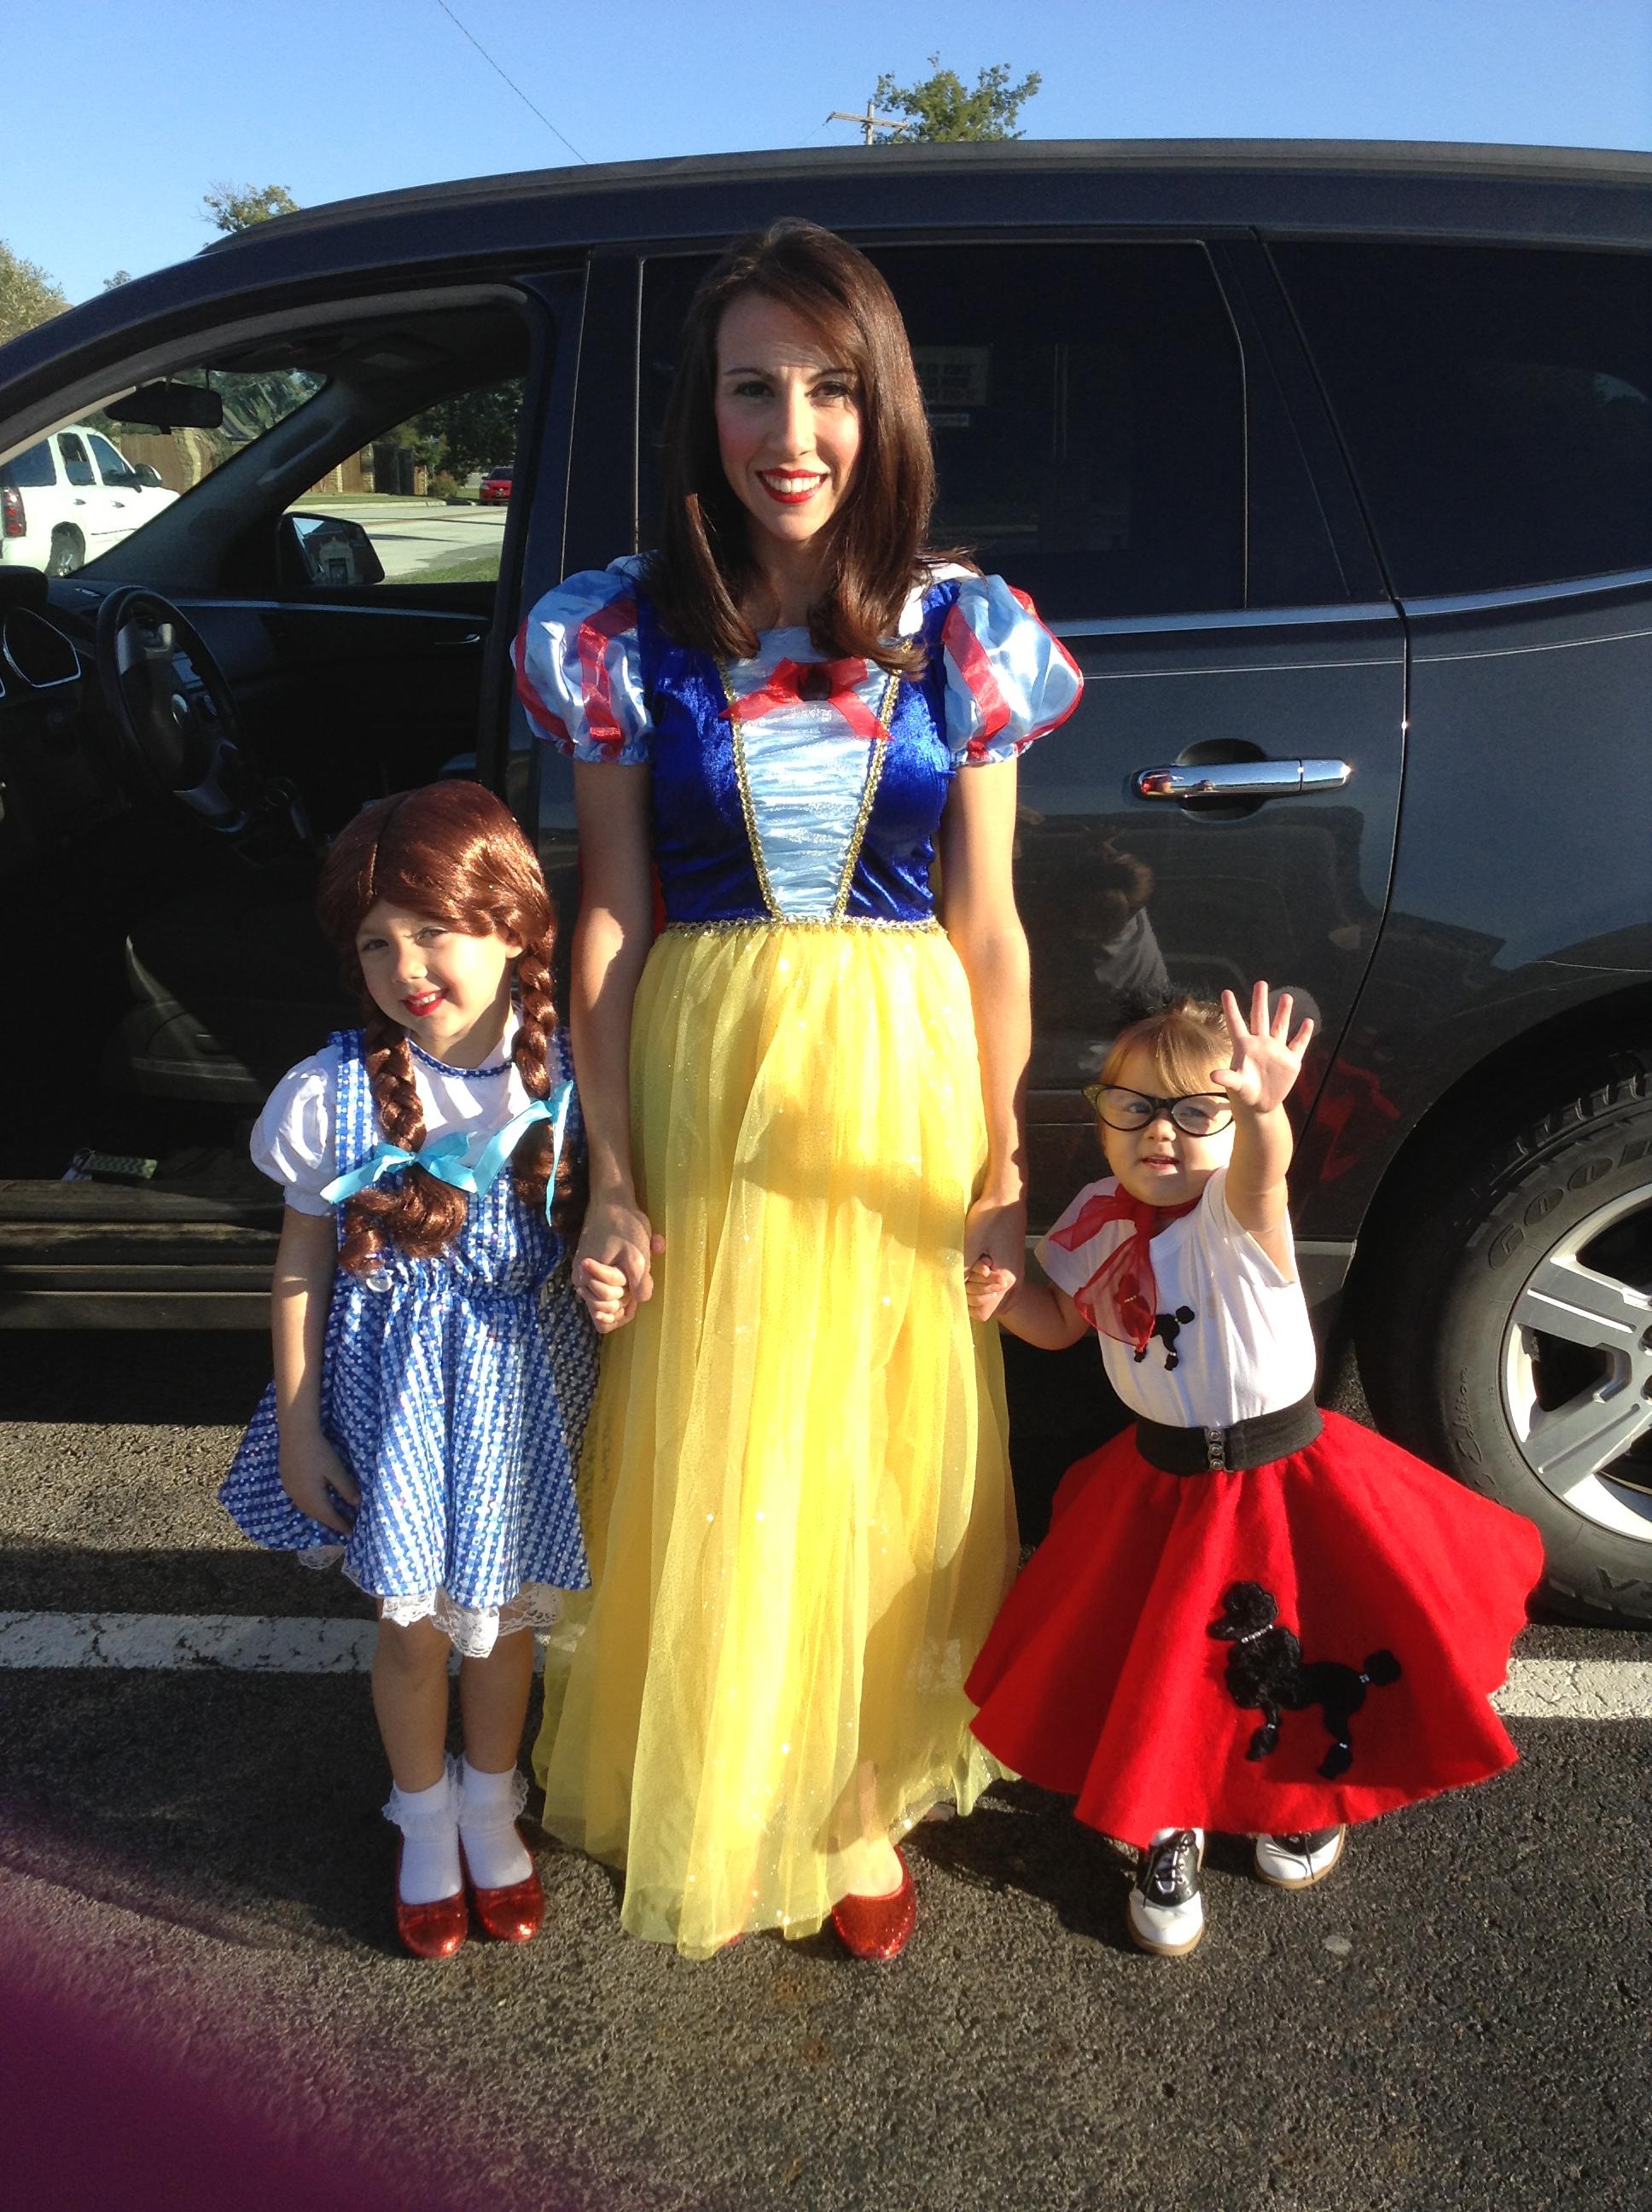 Marlee, Charleigh, and Mom